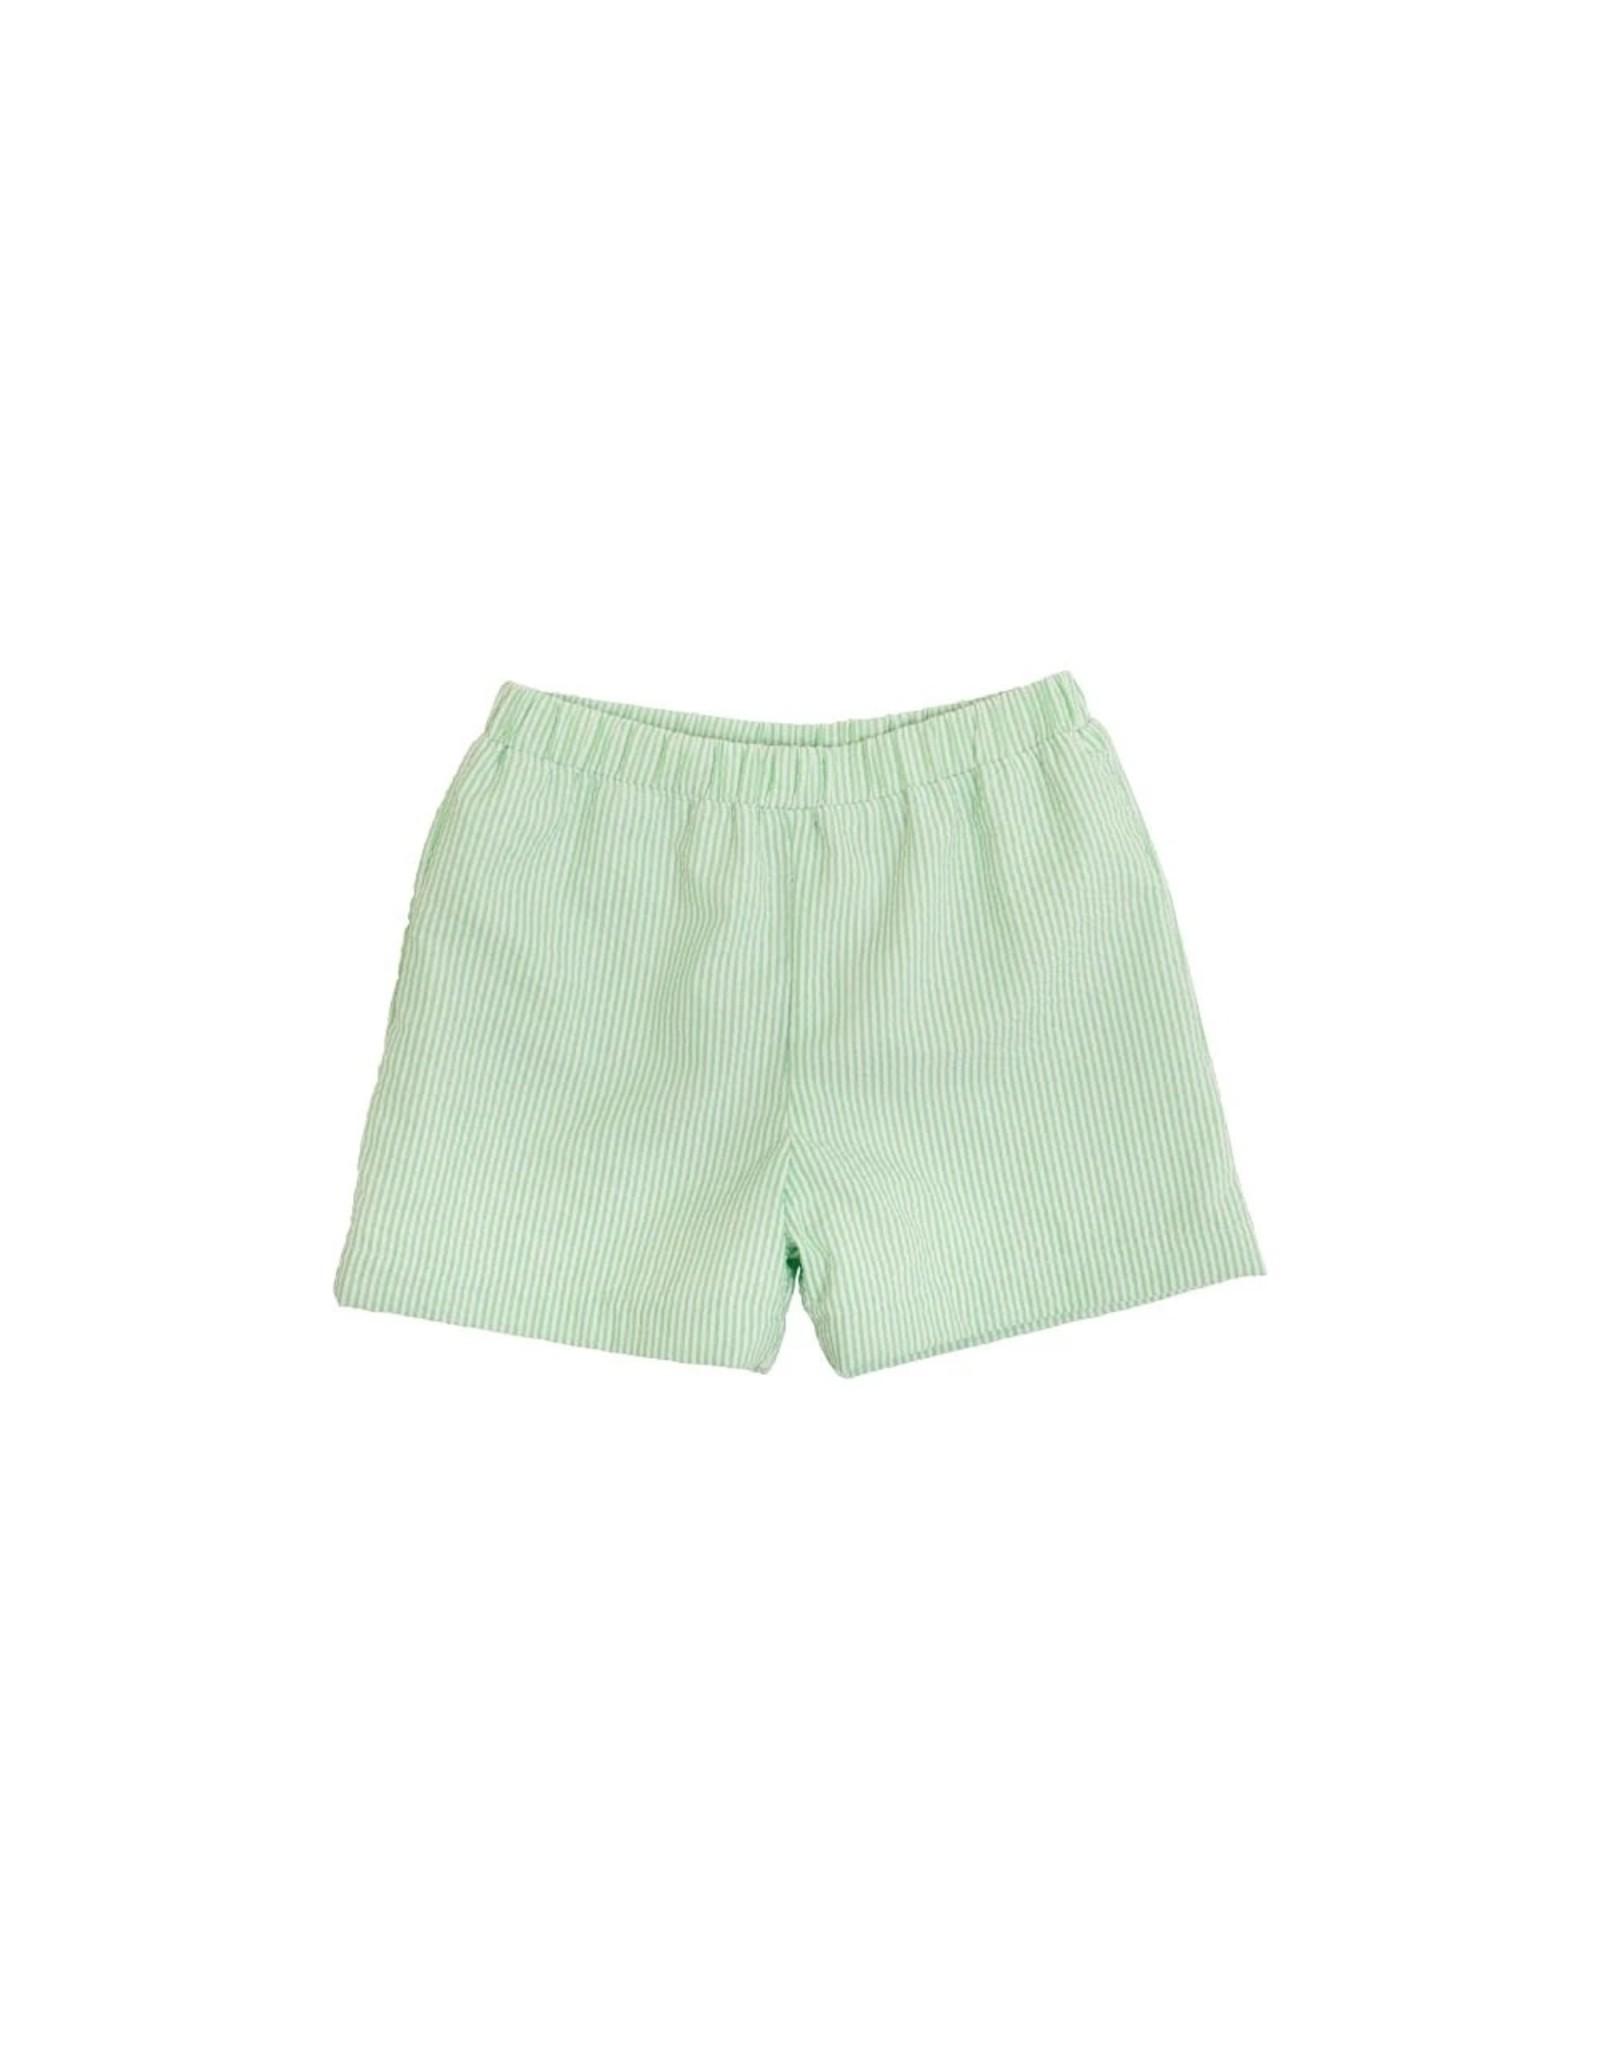 The Beaufort Bonnet Company Shelton Shorts - Seersucker